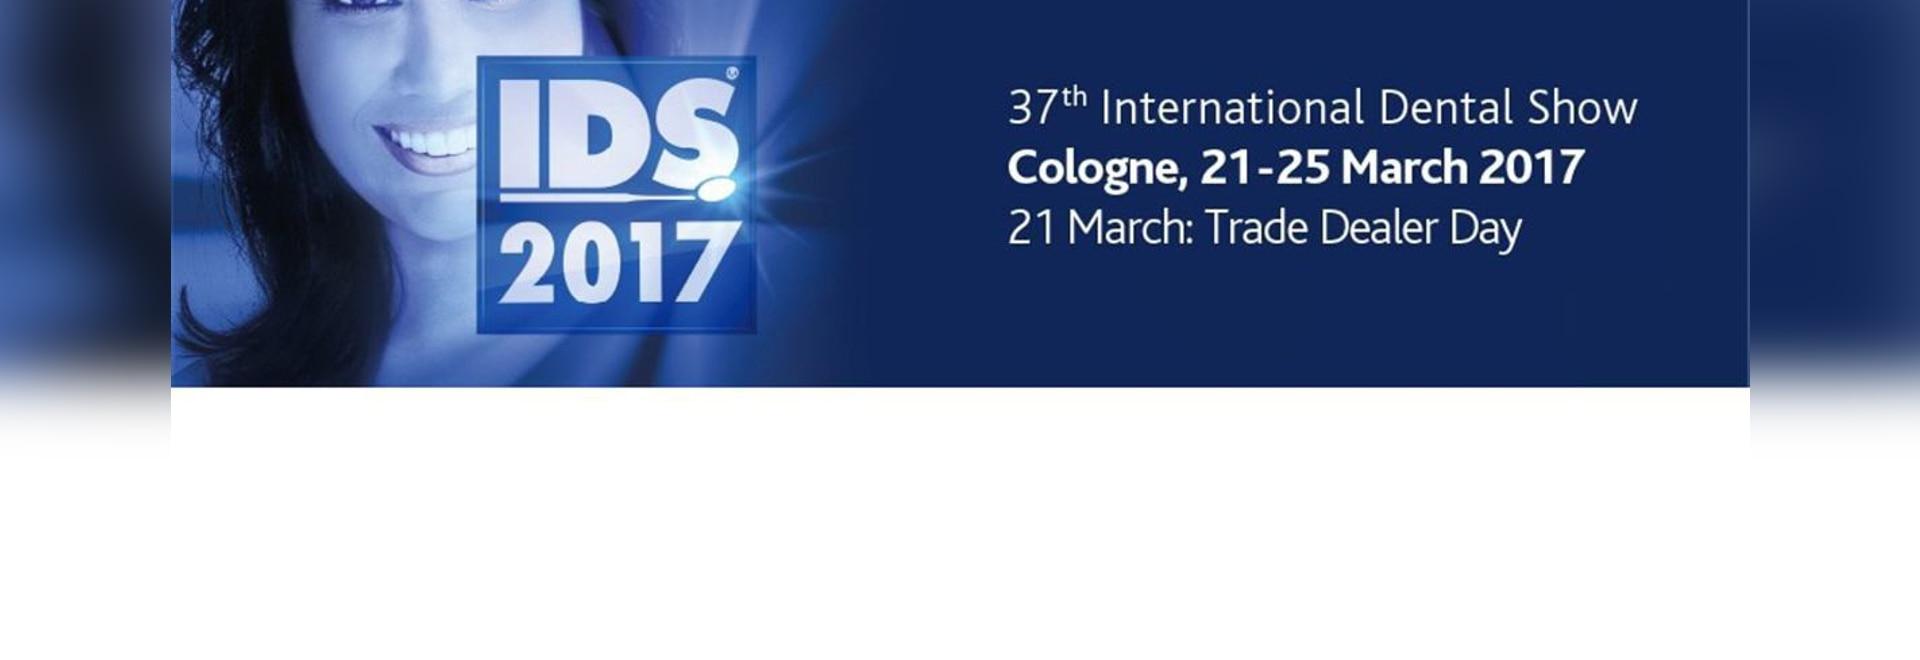 Demostración dental internacional 2017: Programa de apoyo Diversified